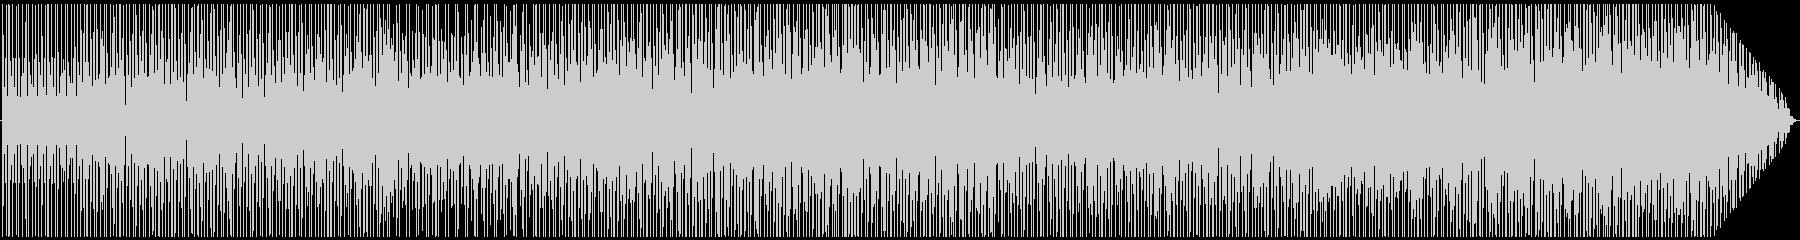 新世紀エレクトロニクス ラウンジ ...の未再生の波形